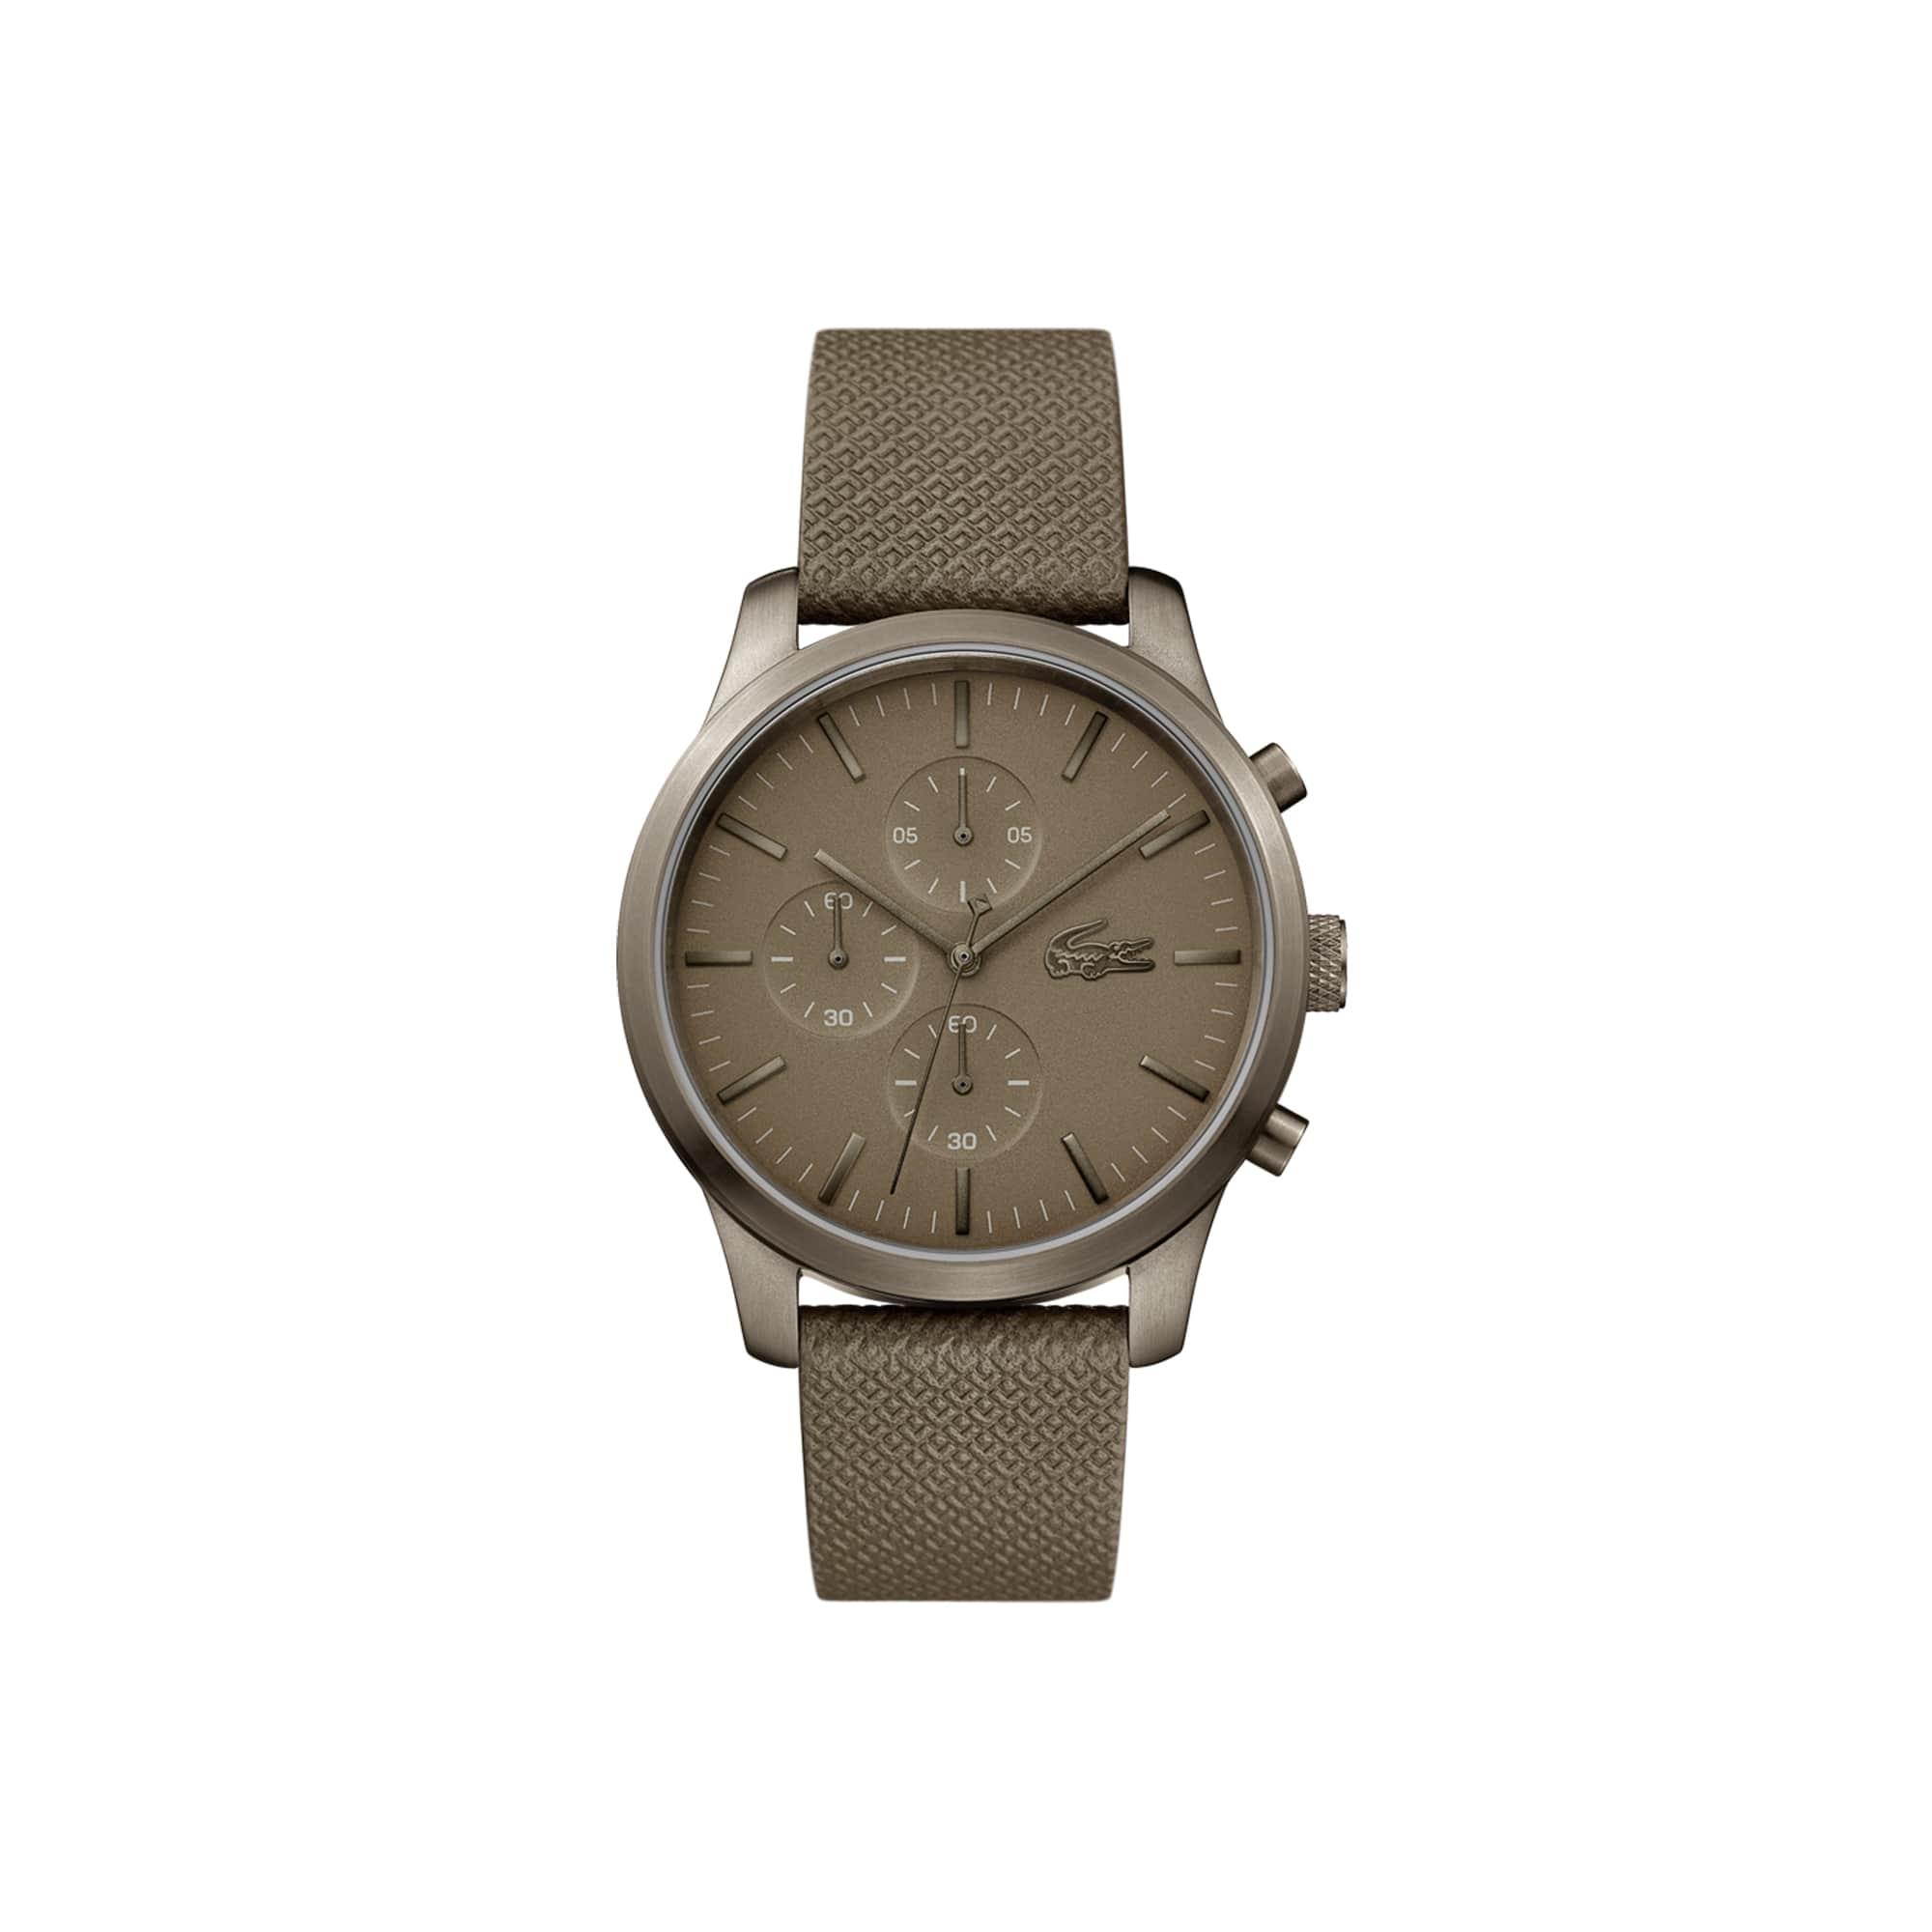 Reloj Lacoste 12.12 Edición 85 Aniversario, Con Cronógrafo Y Pulsera De Piel Petit Piqué Caqui En Relieve